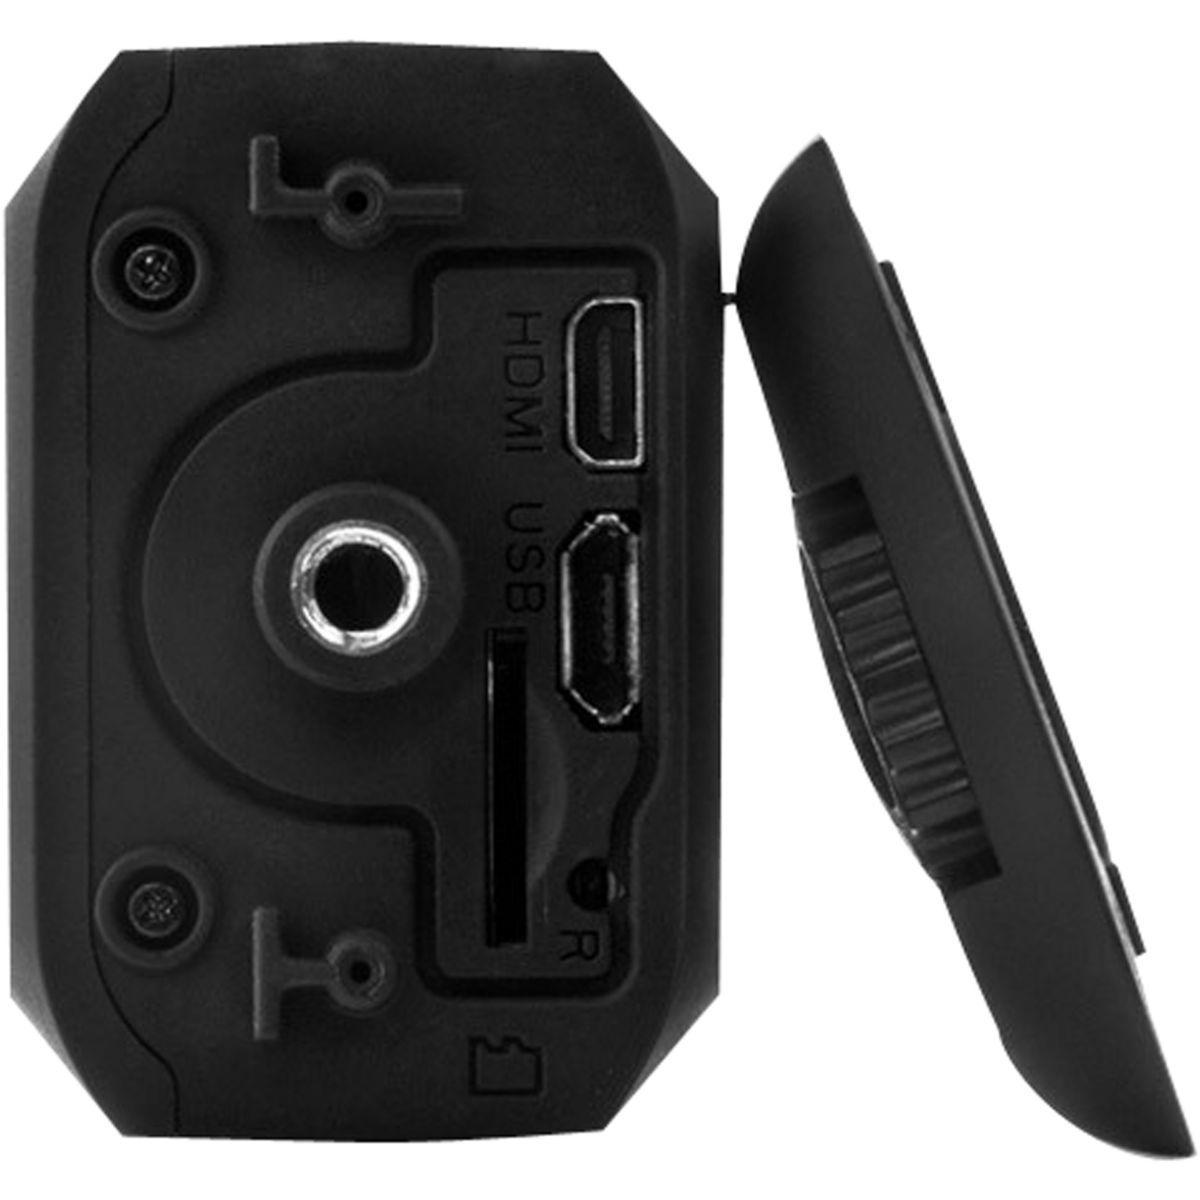 Drift Innovation Stealth 2 Sport camera